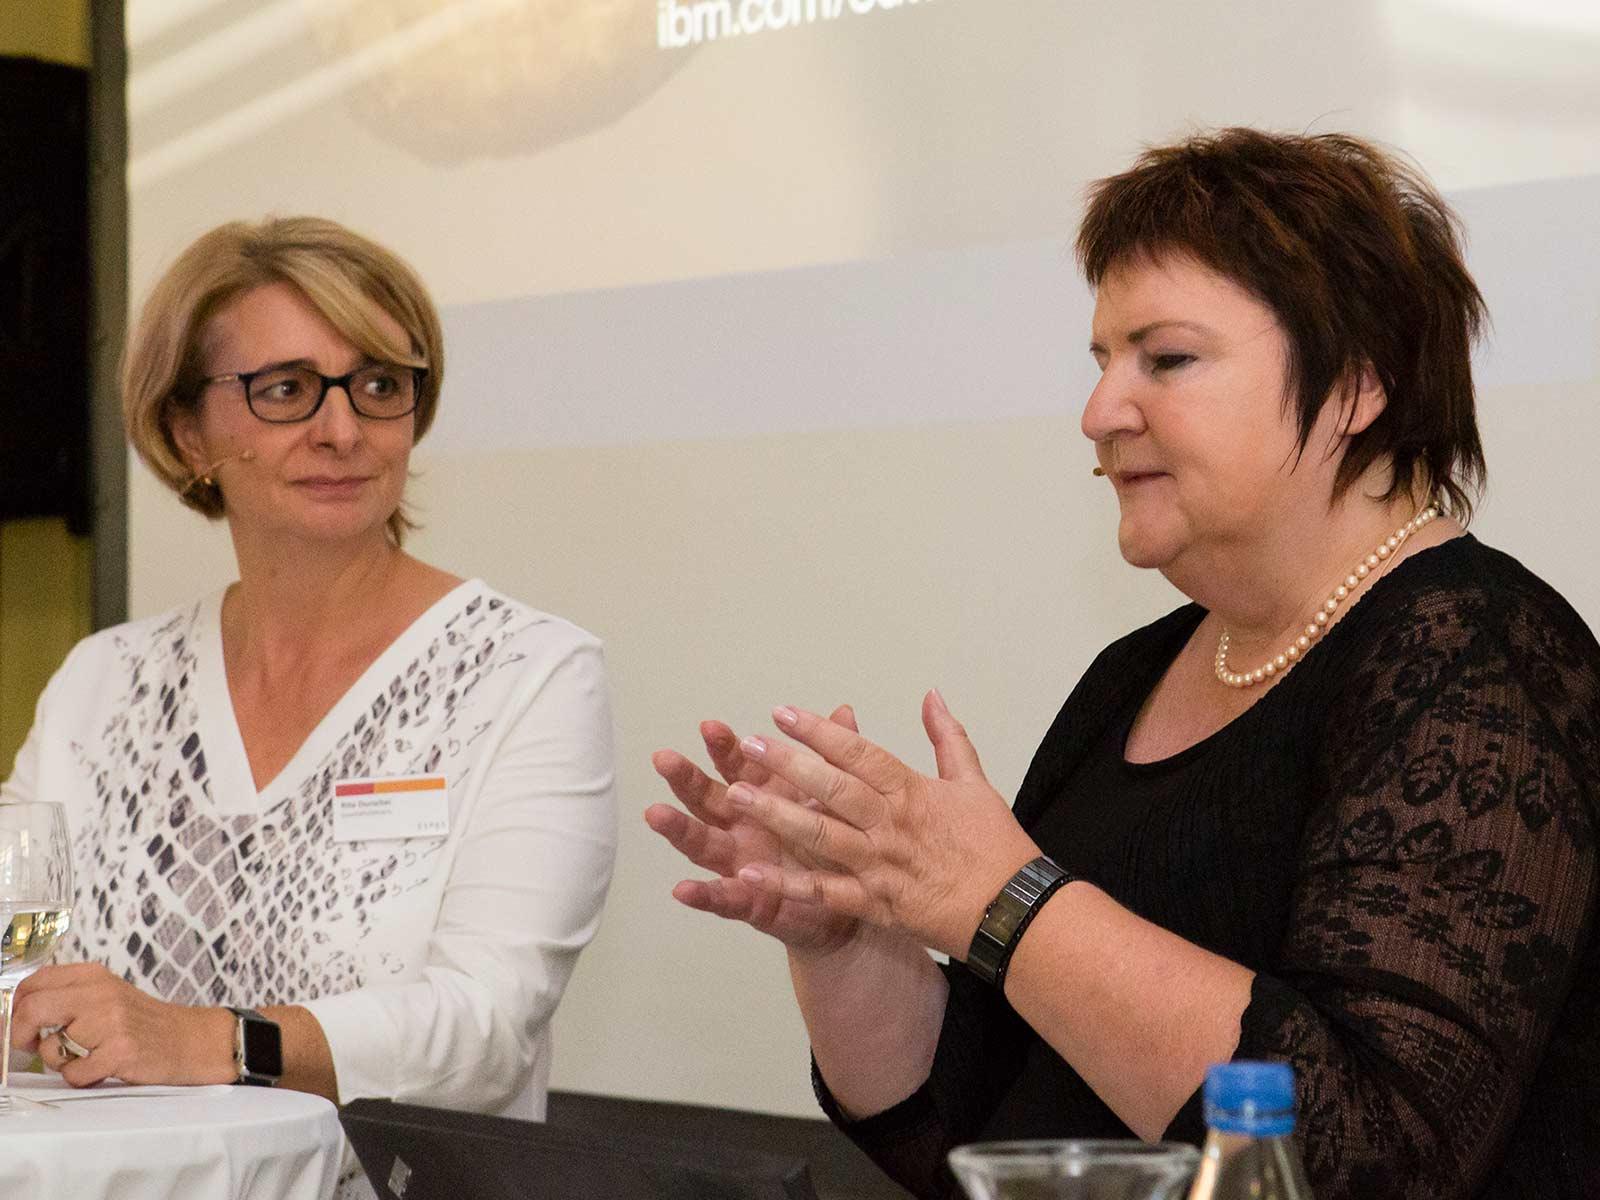 Geschäftsführerin Rita Durschei (links) und Dr. Karin Vey hatten nach dem Vortrag reichlich Gesprächsstoff.